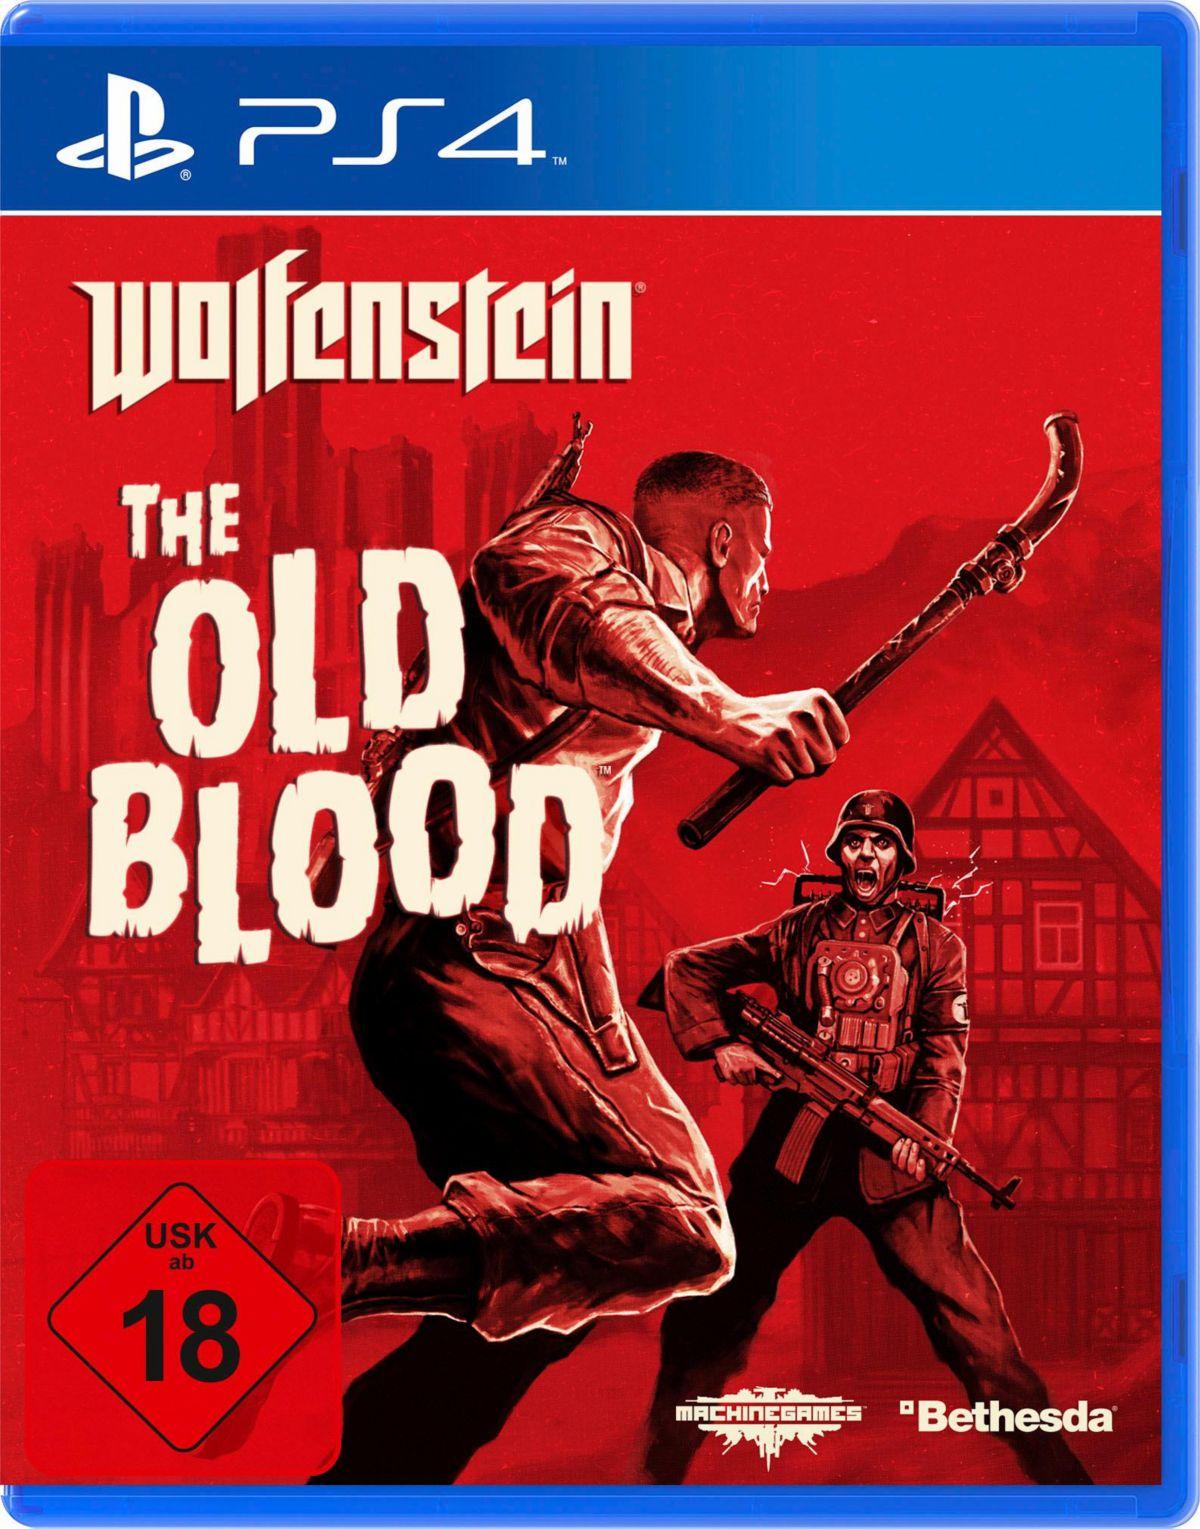 Aktuelle Angebote Kaufroboter Die Discounter Suchmaschine Ps4yooka Laylee Reg 2 Wolfenstein The Old Blood Playstation 4